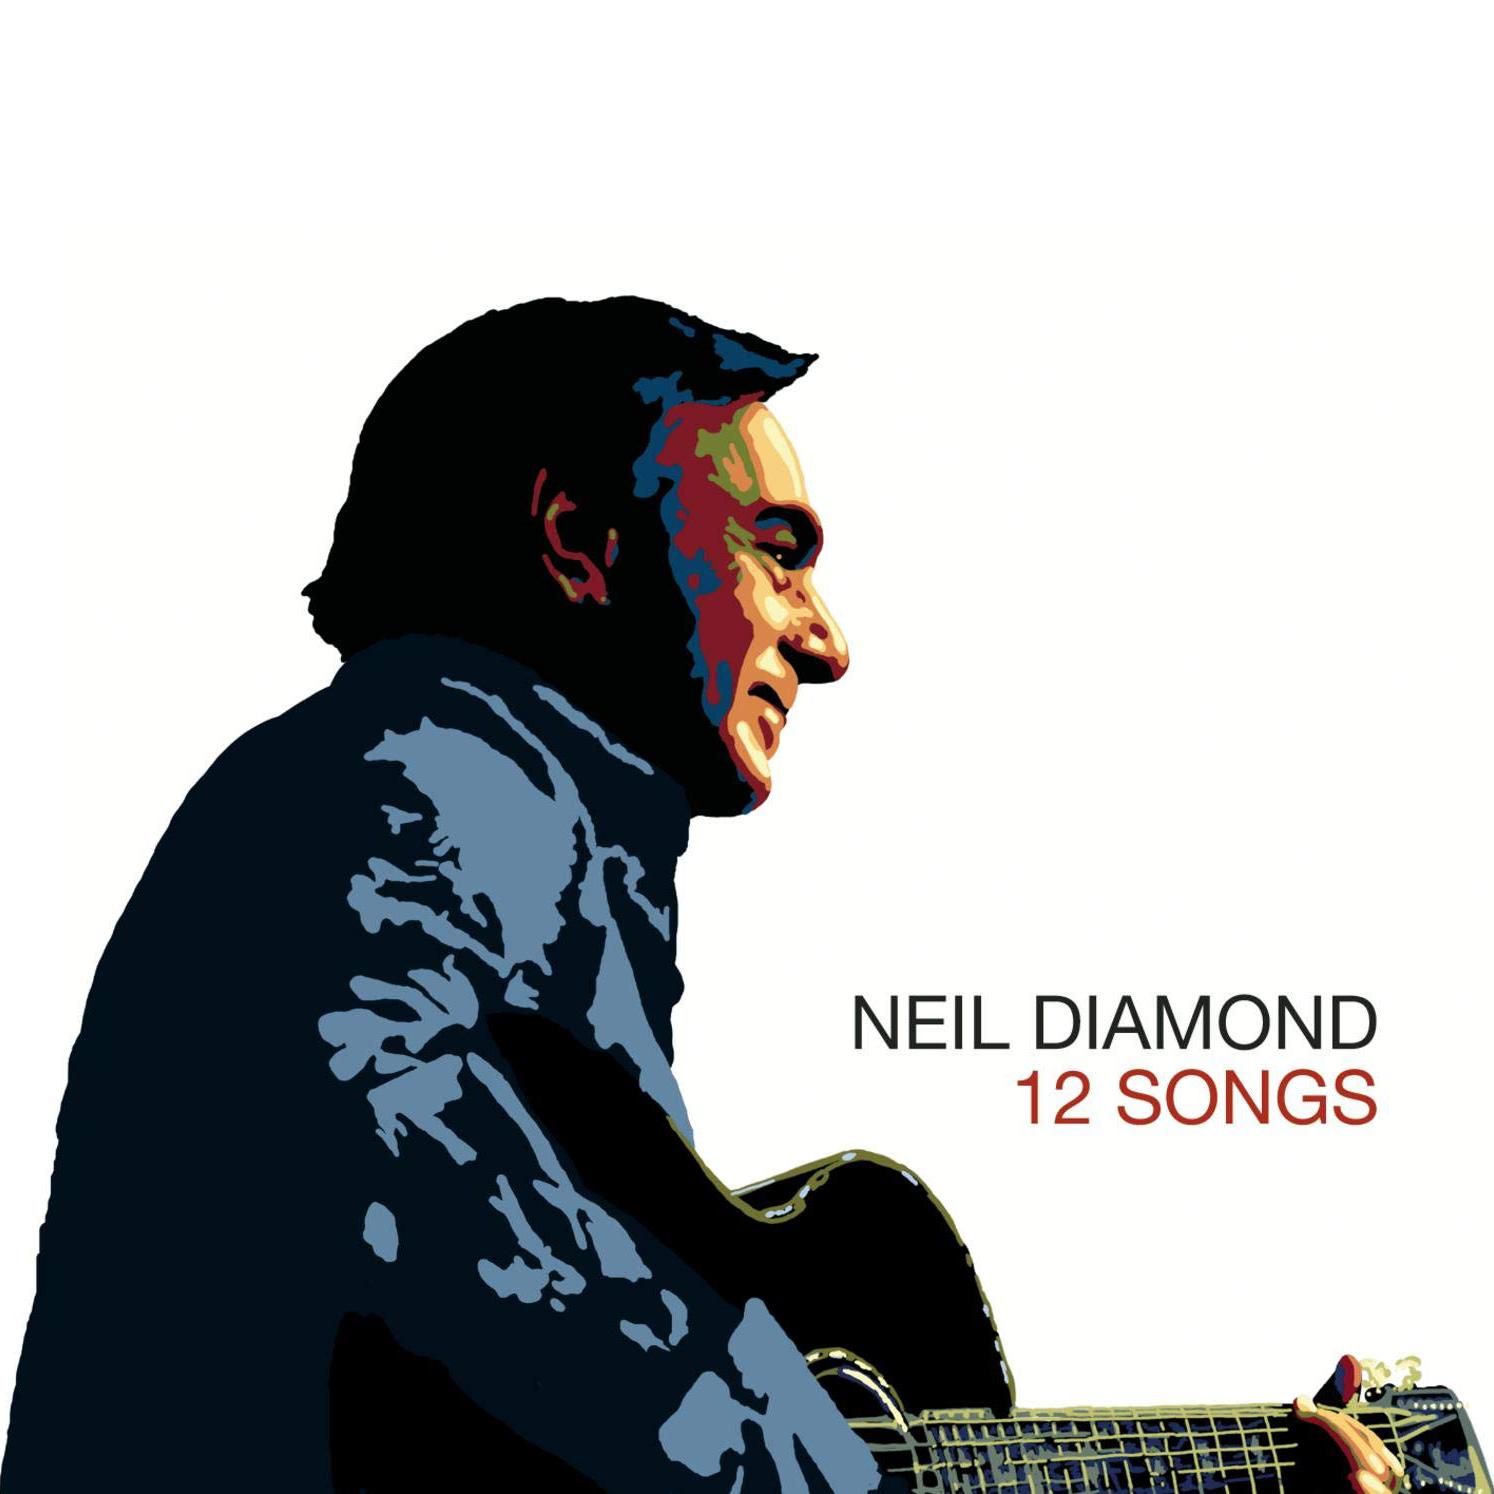 Neil Diamond, 12 Songs